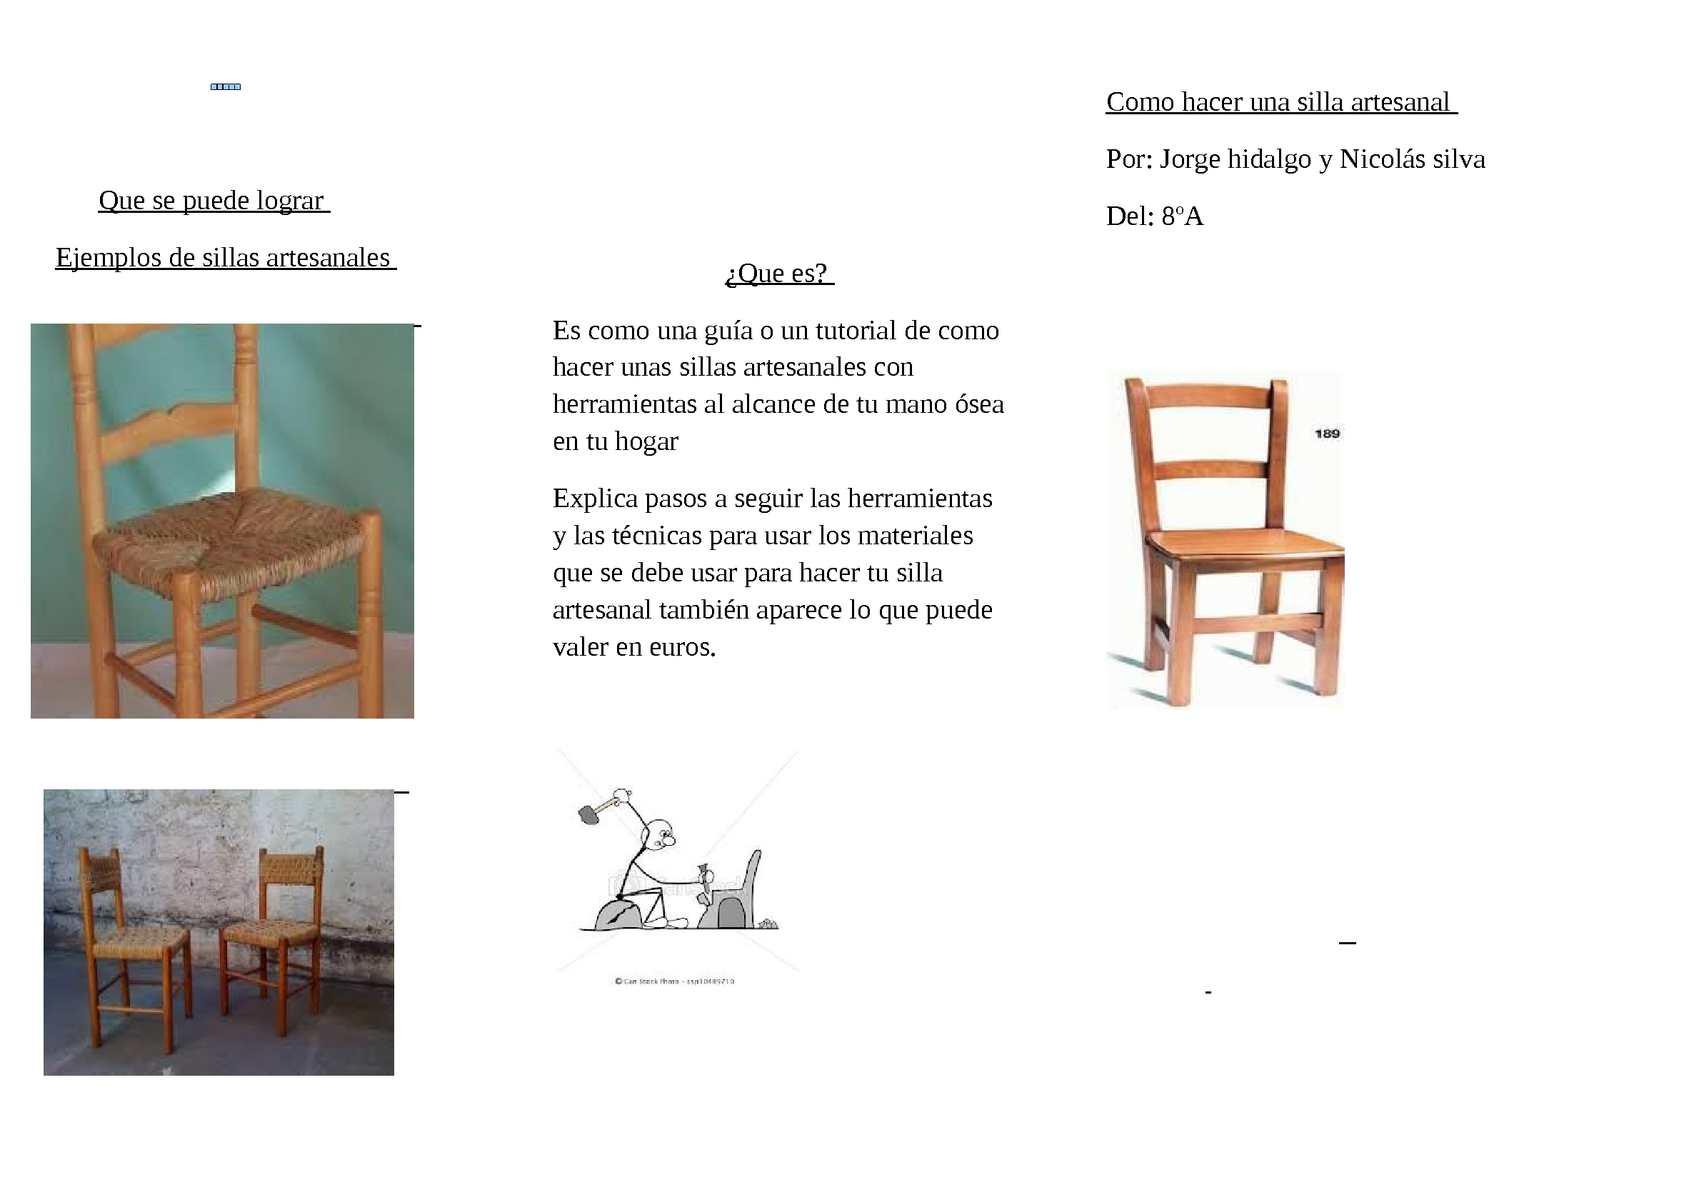 Calam o como hacer una silla artesanal - Como se elabora una silla de madera ...